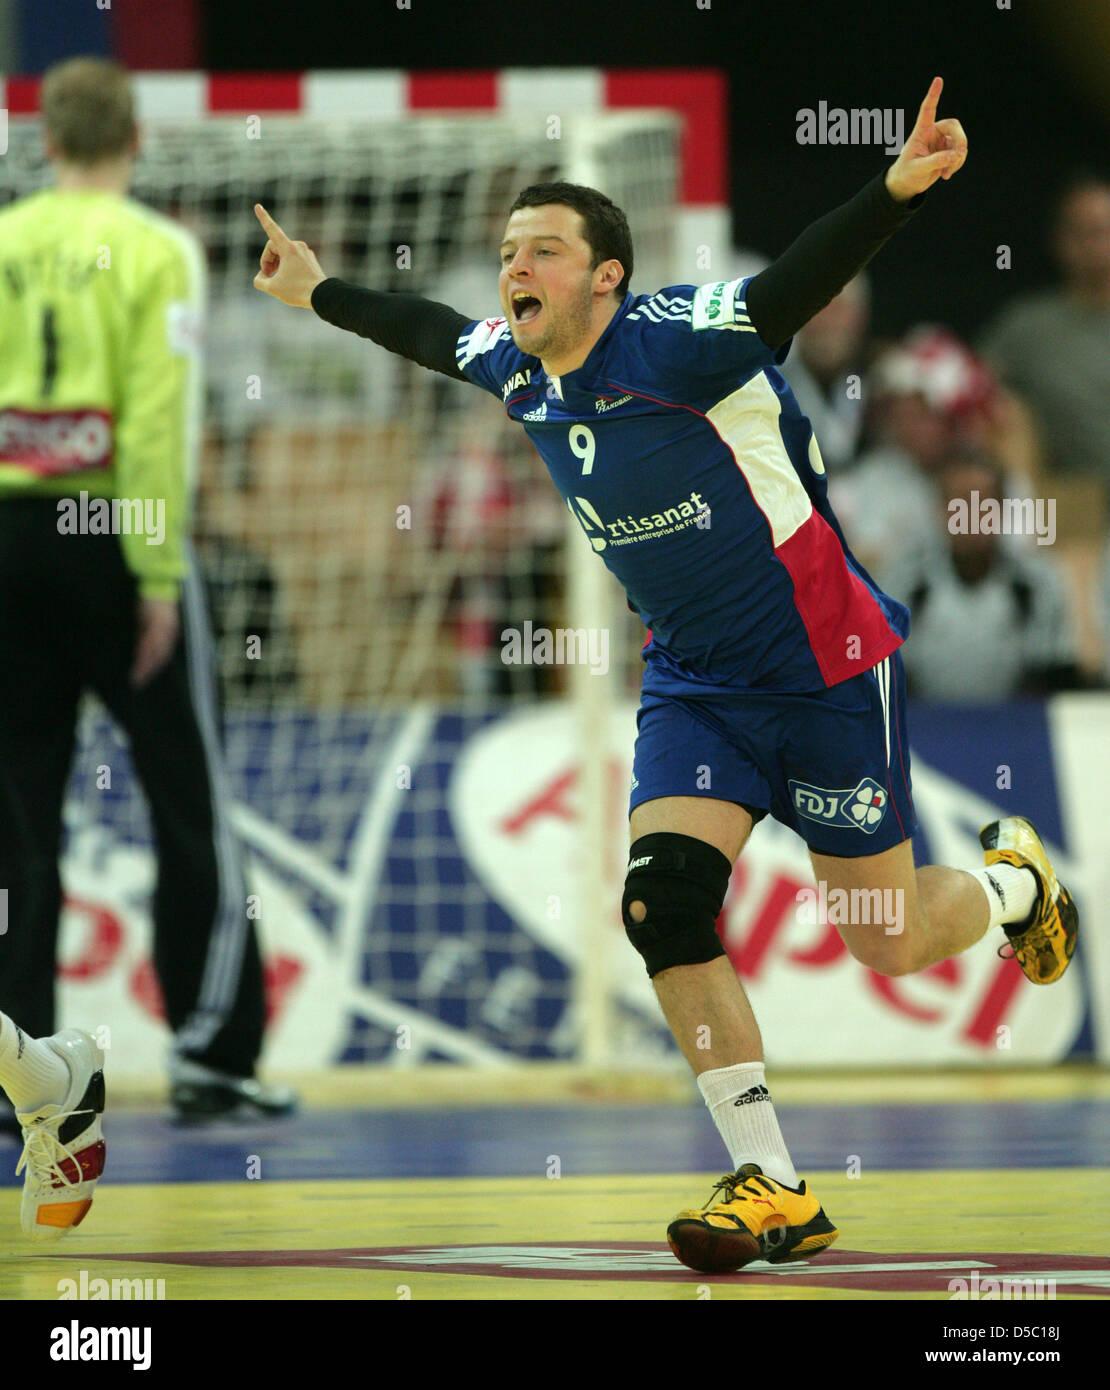 Handball-Europameisterschaft in Österreich: Hauptrunde Gruppe 2, am Sonntag (24.01.2010) in Innsbruck. Der - Stock Image